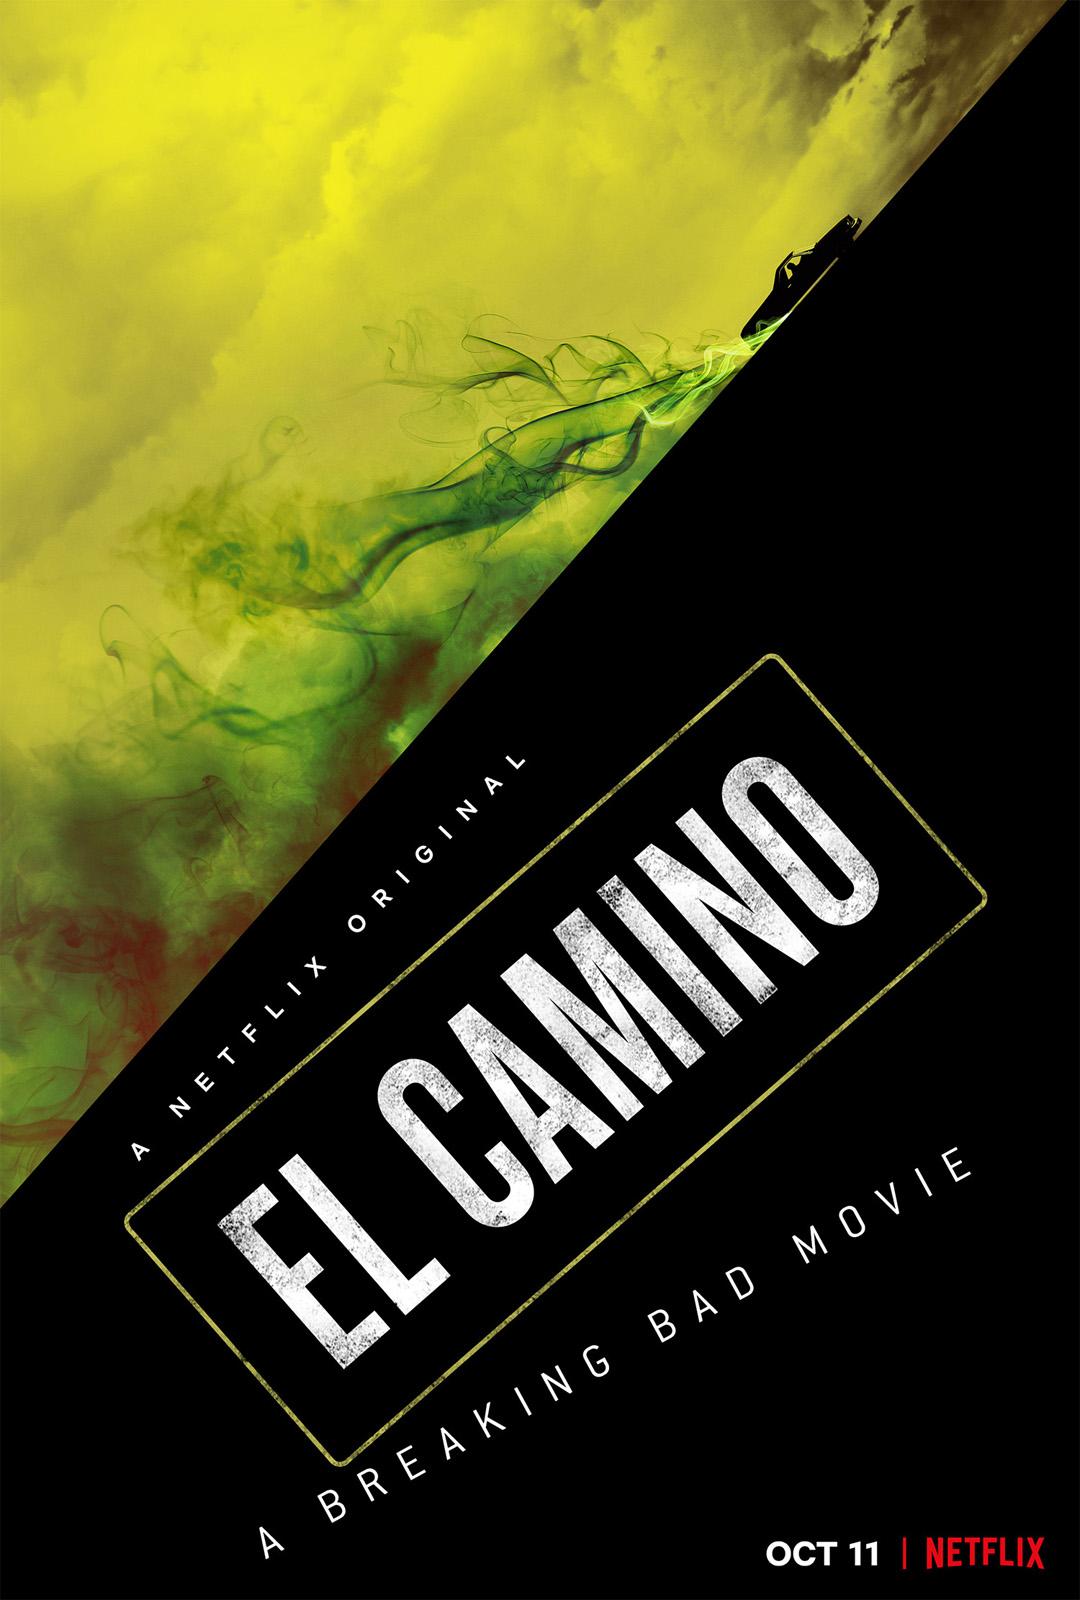 El Camino: Bir Breaking Bad Movie 2019